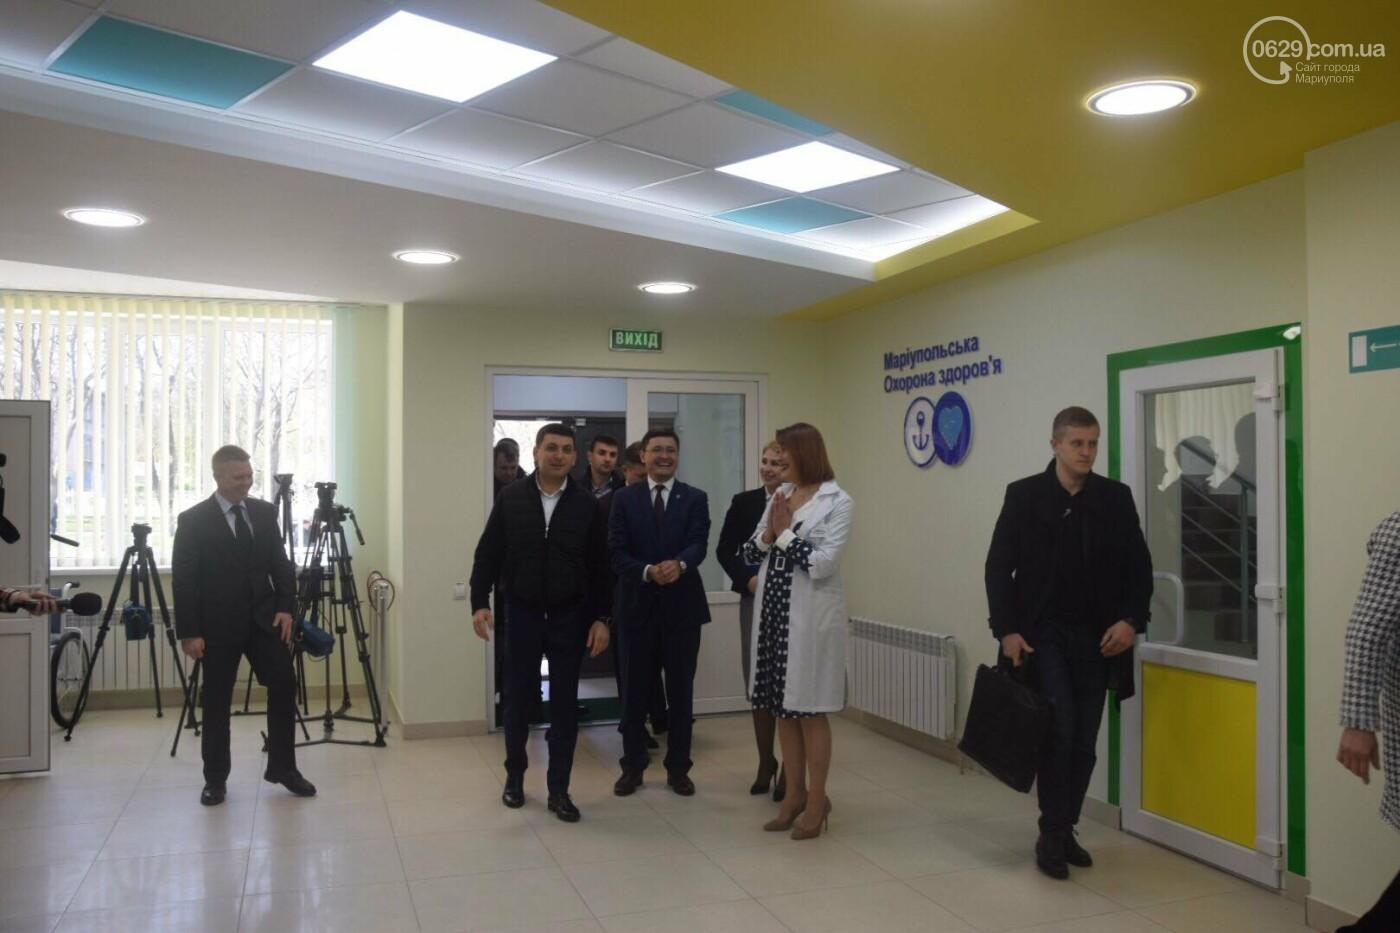 В Мариуполе Владимир Гройсман открыл детскую поликлинику и познакомился с Сережей, - ФОТОРЕПОРТАЖ, ВИДЕО, фото-1